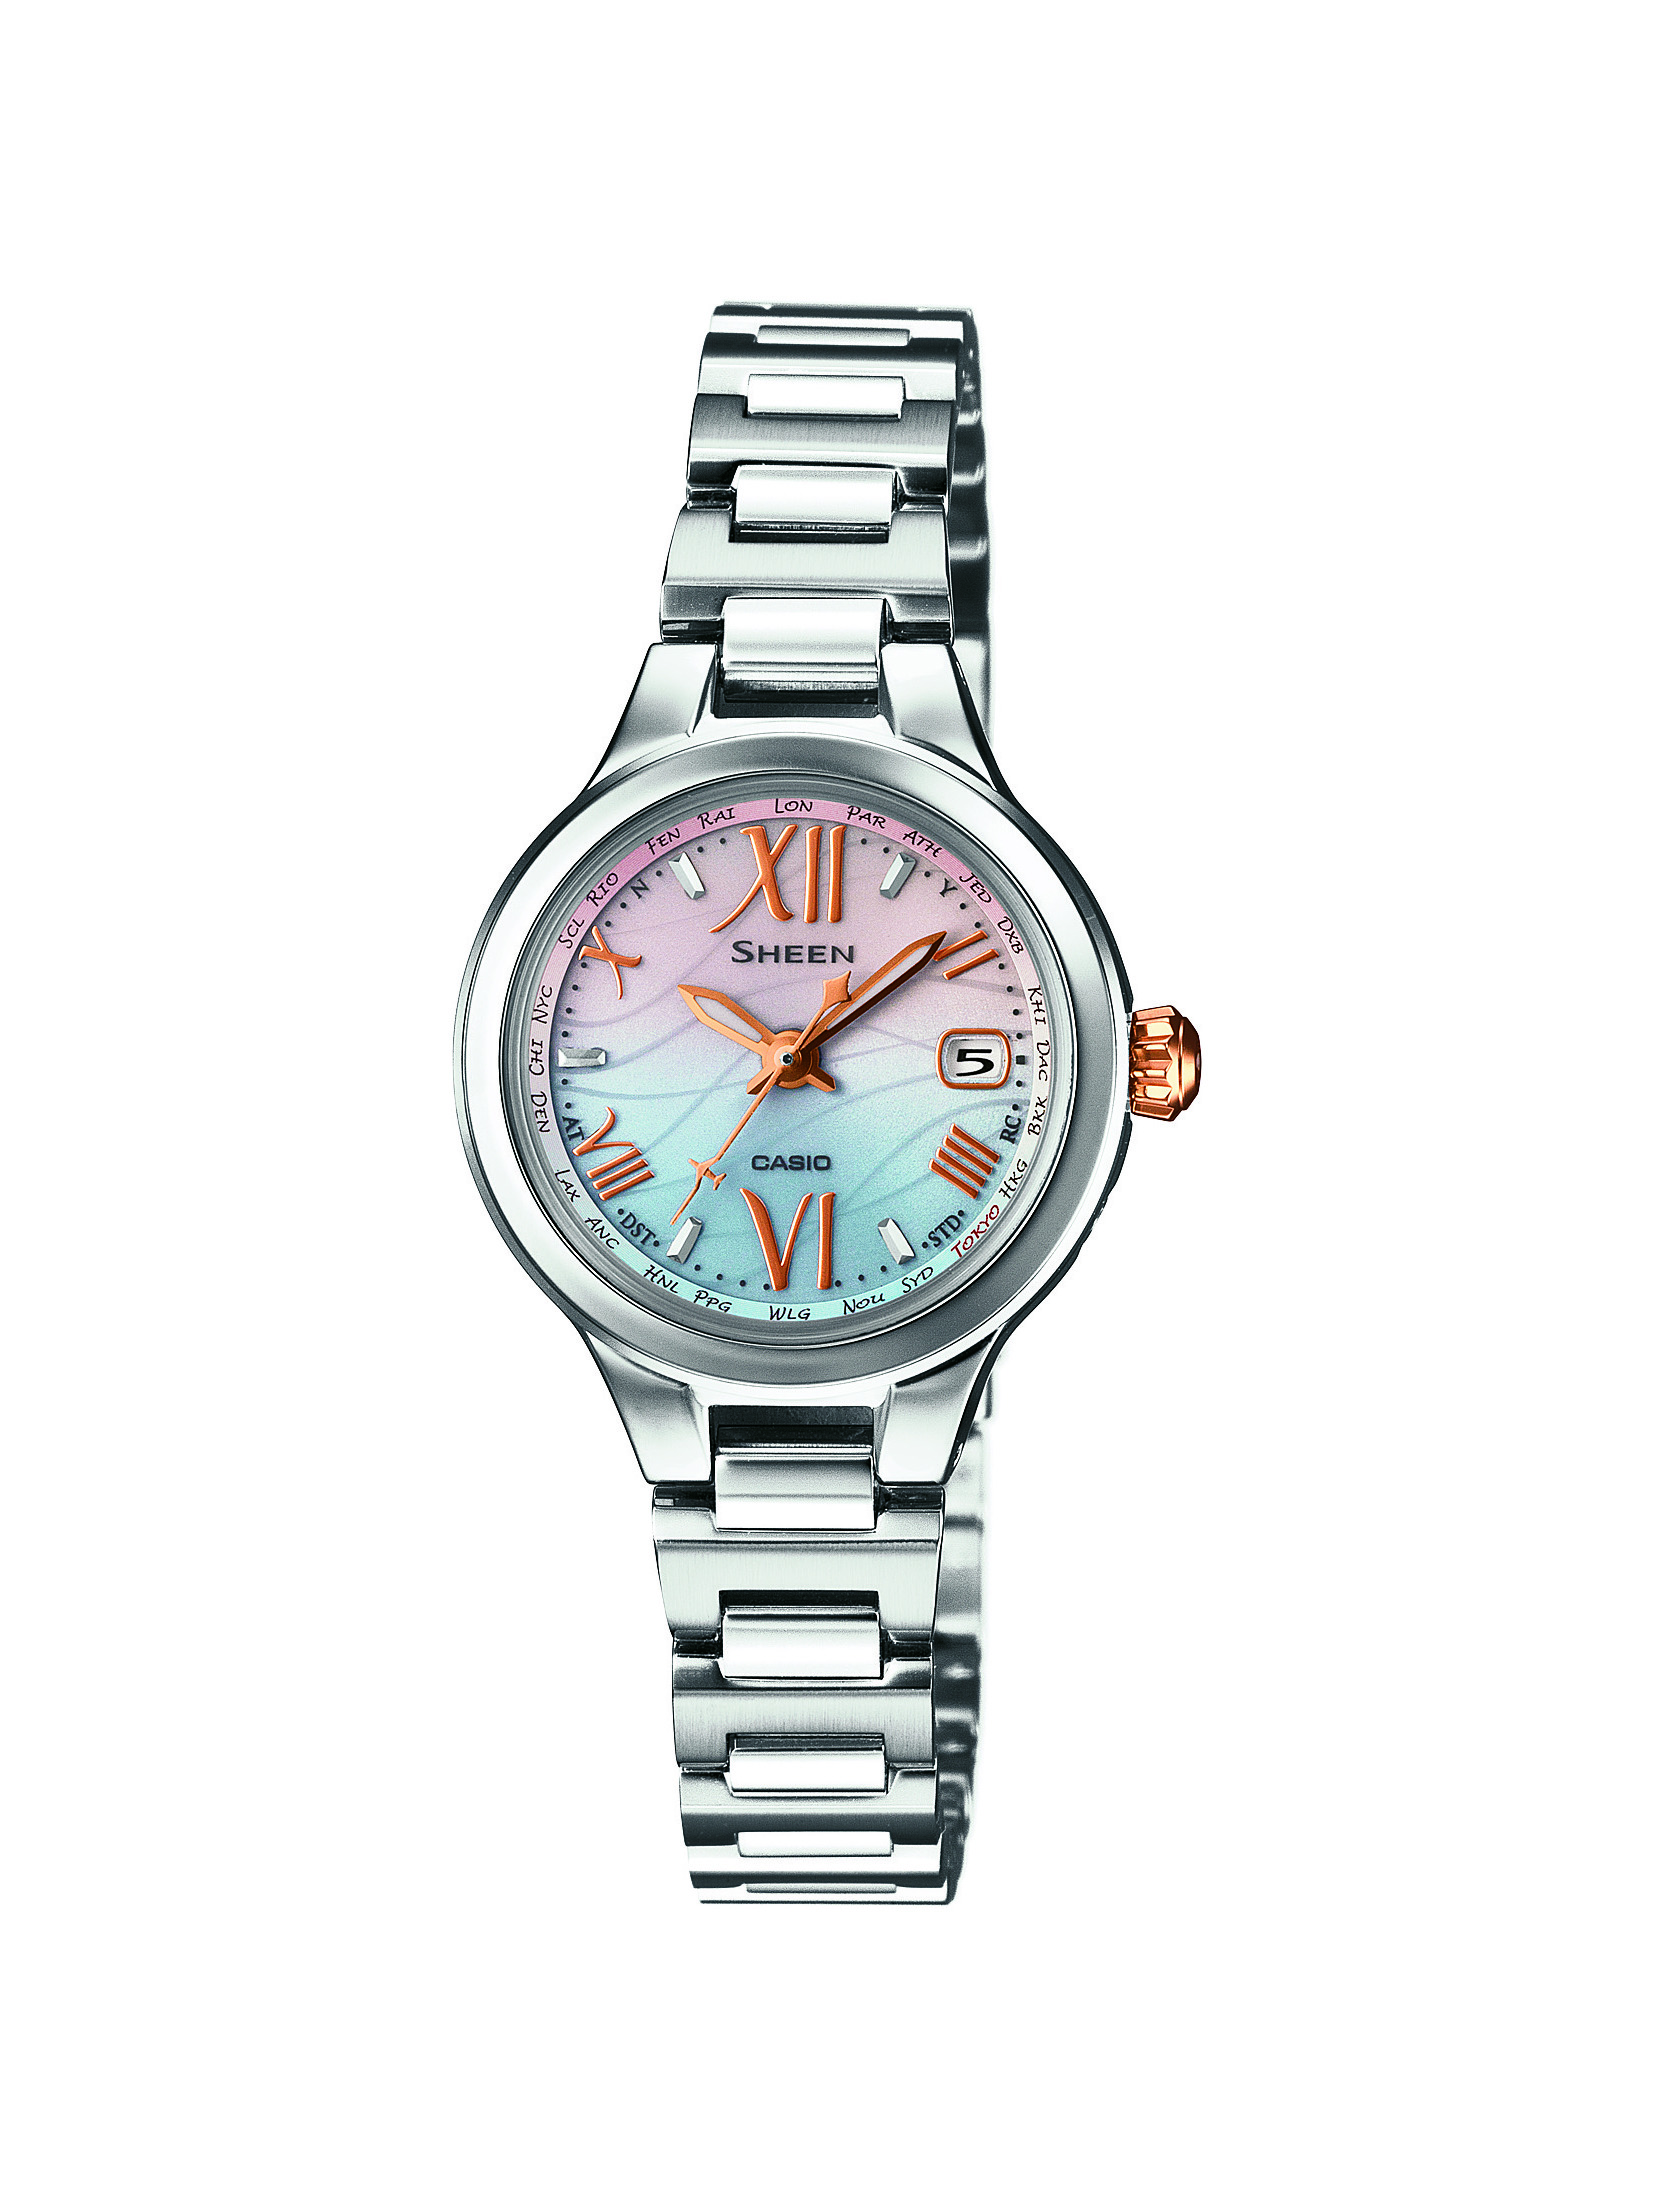 CASIO腕時計 SHEEN SHW-1700D-7AJF C-0125